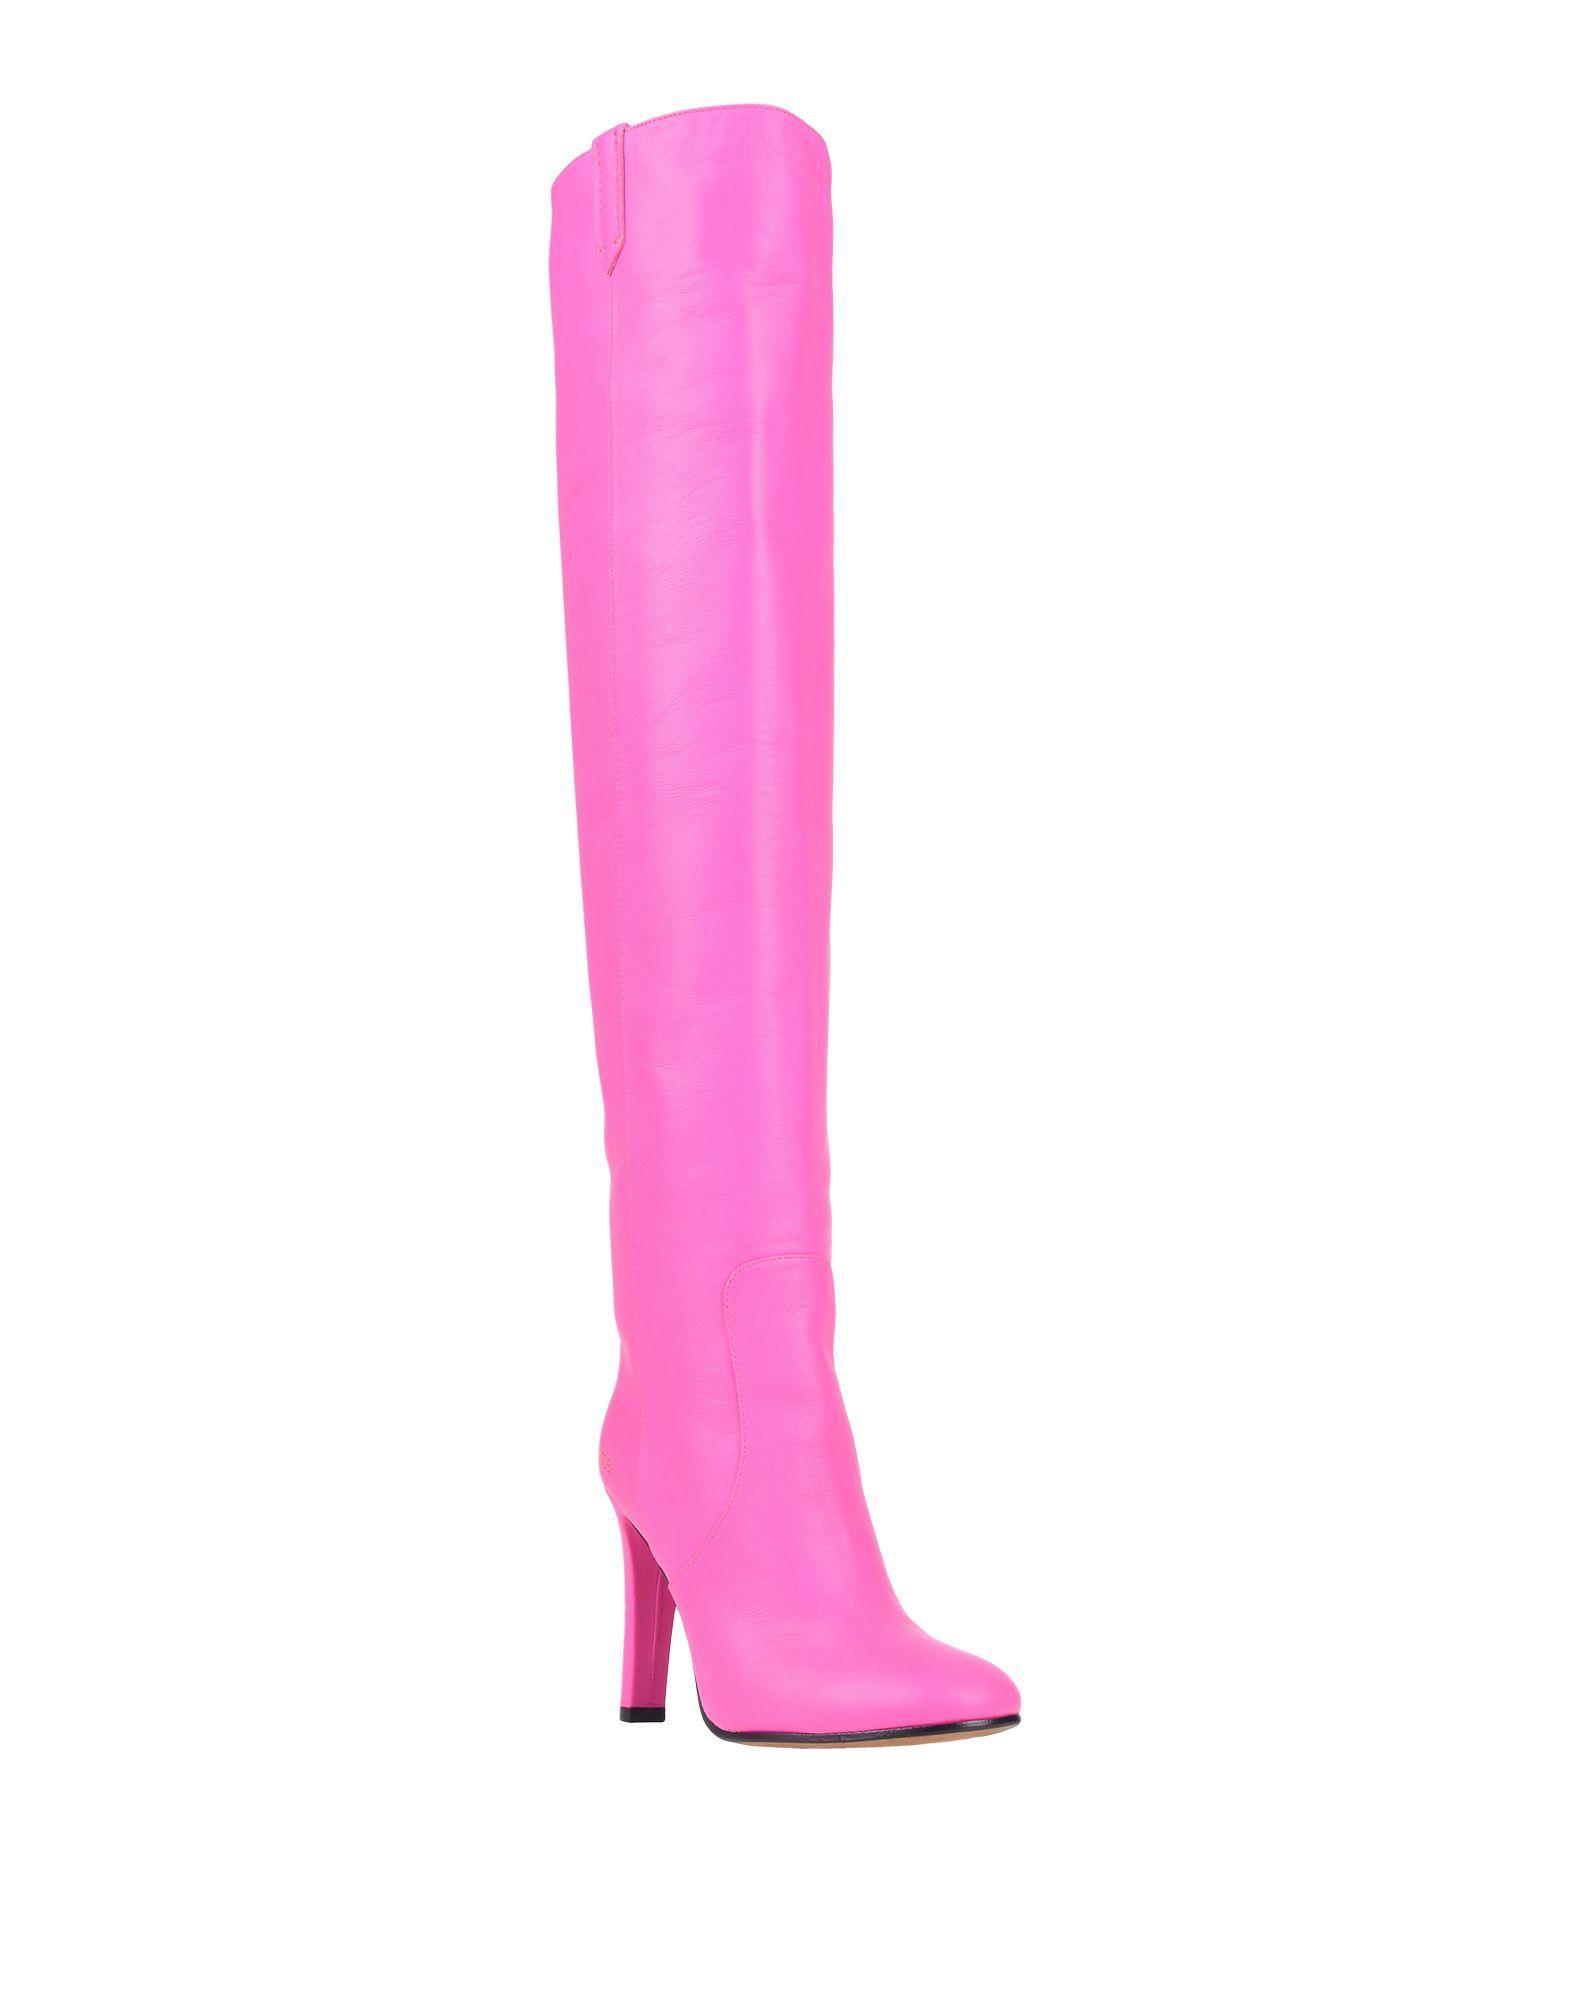 Botas Golden Goose Deluxe Brand de Cuero de color Rosa